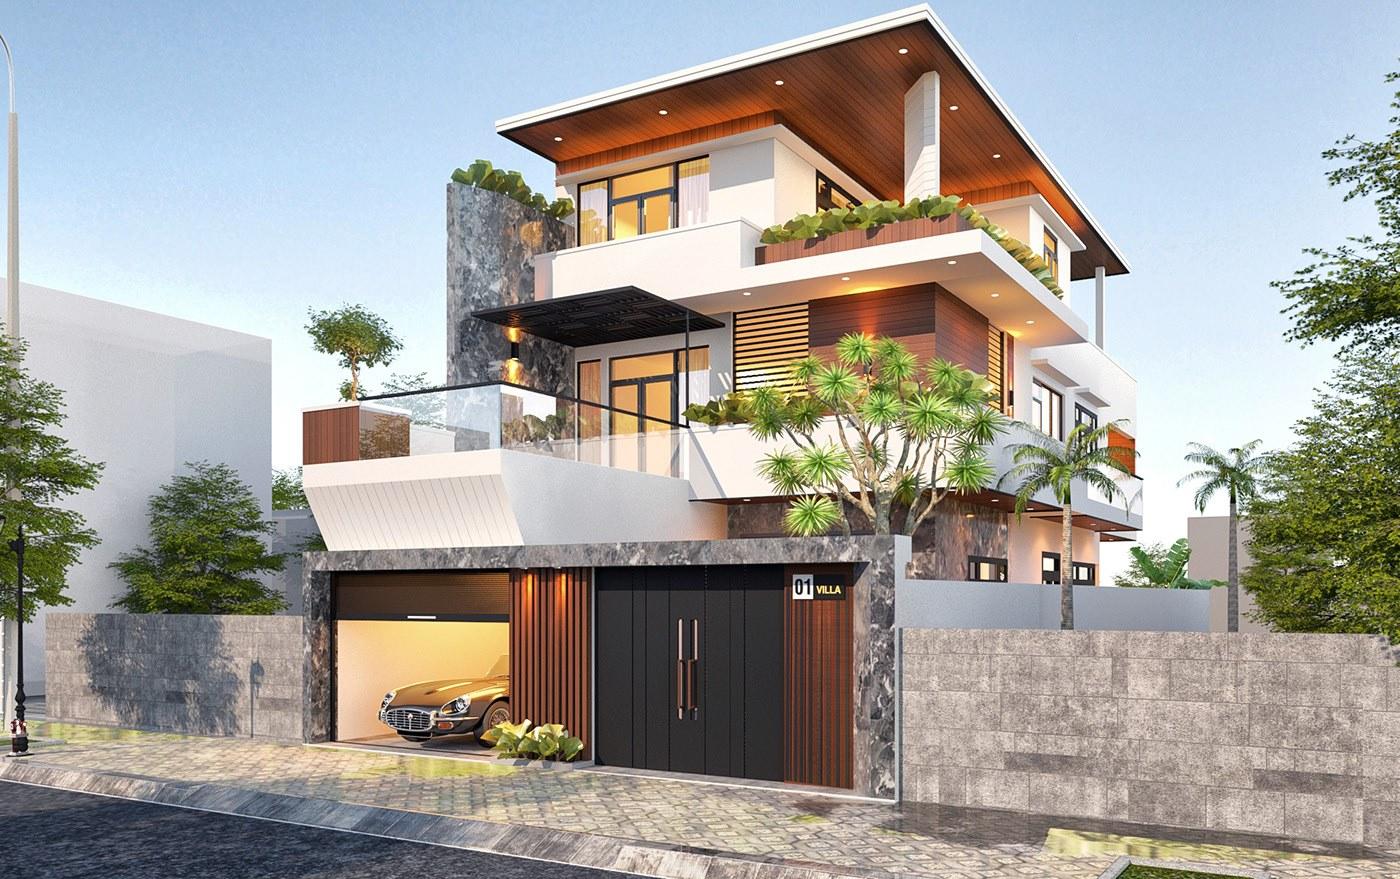 Kiến trúc hiện đại đơn giản nhưng lại vô cùng tinh tế